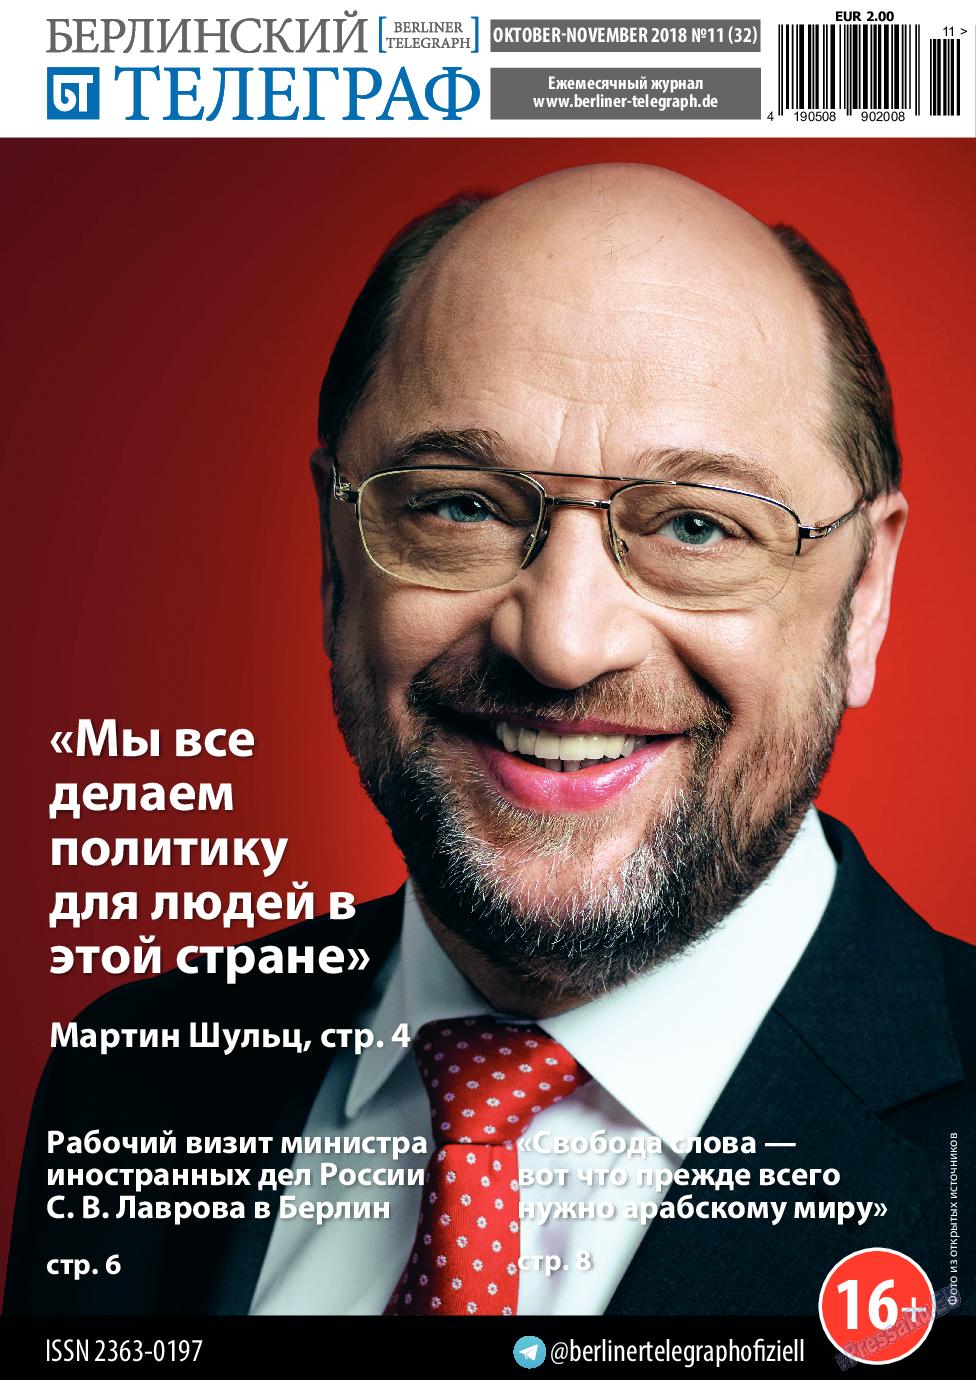 Берлинский телеграф (журнал). 2018 год, номер 32, стр. 1